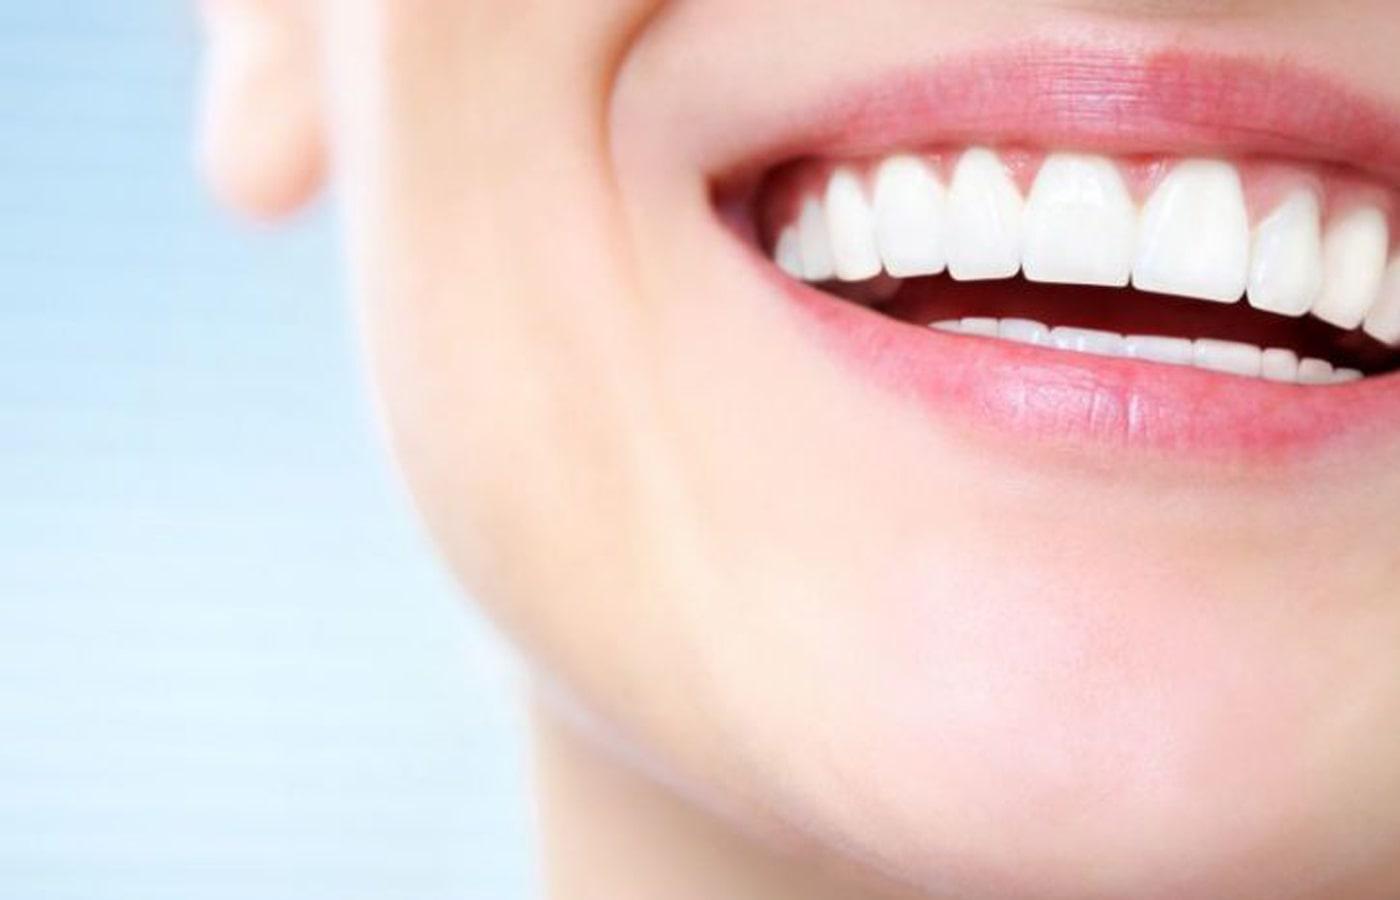 Отбеливание зубов. Методы. Плюсы и минусы процедуры.